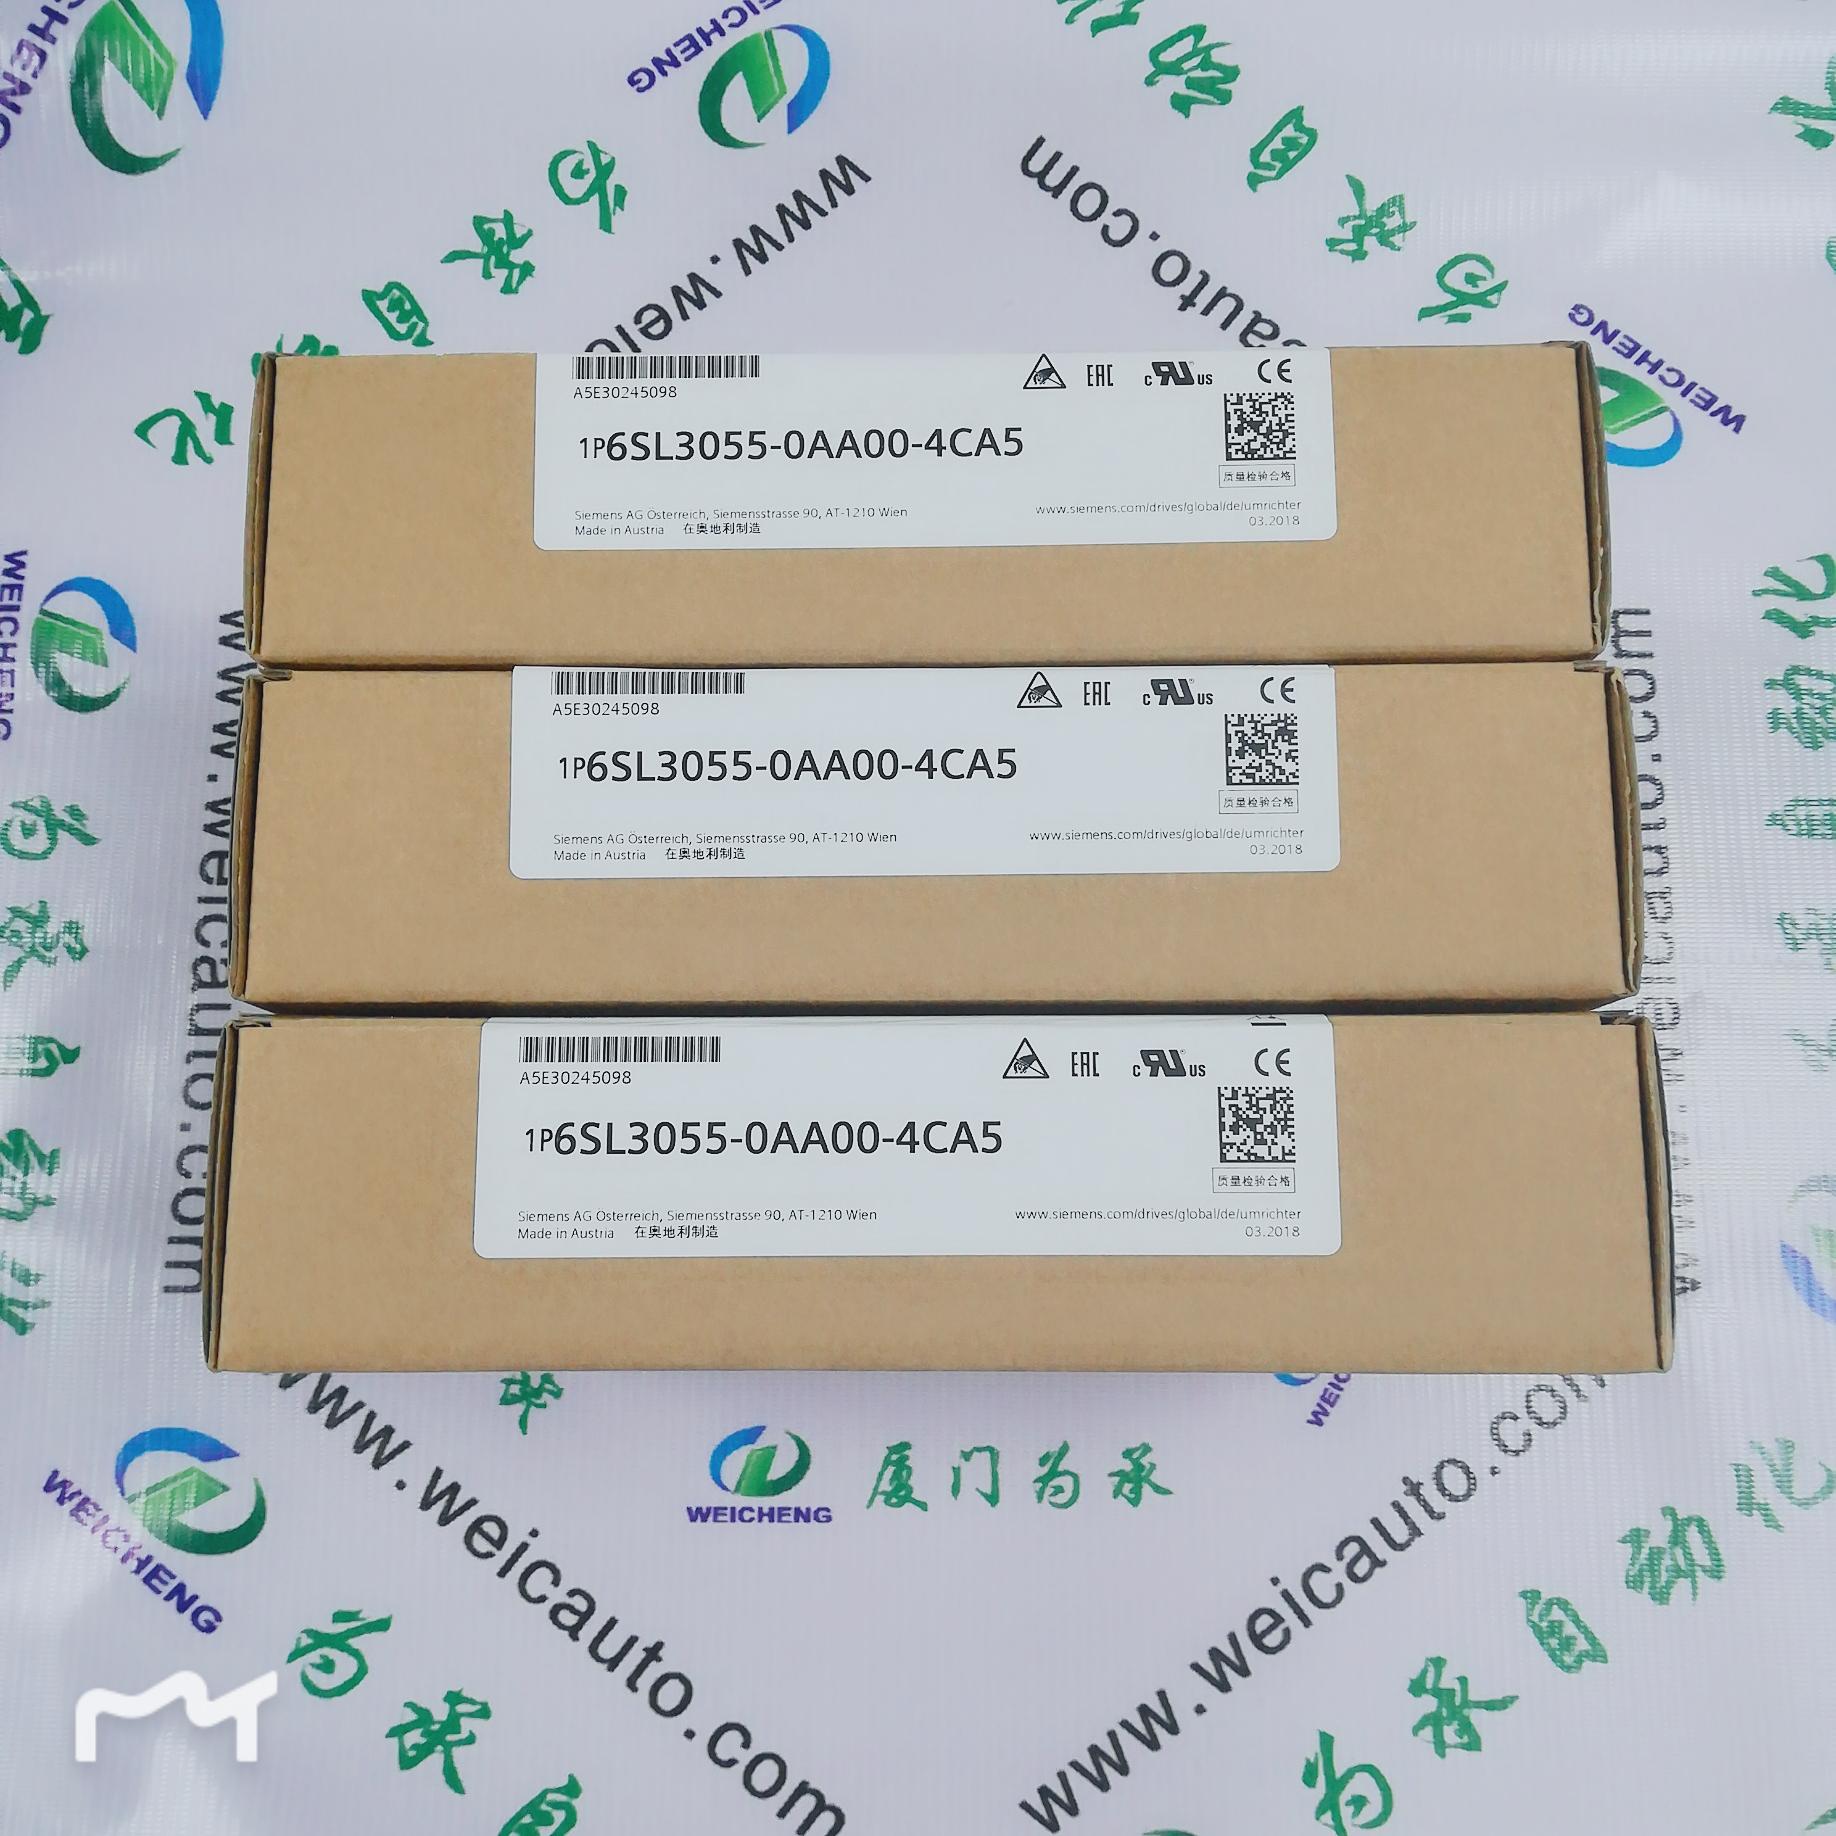 西门子AOP30操作面板6SL3055-0AA00-4CA5 西门子,6SL3055-0AA00-4CA5,AOP30操作面板